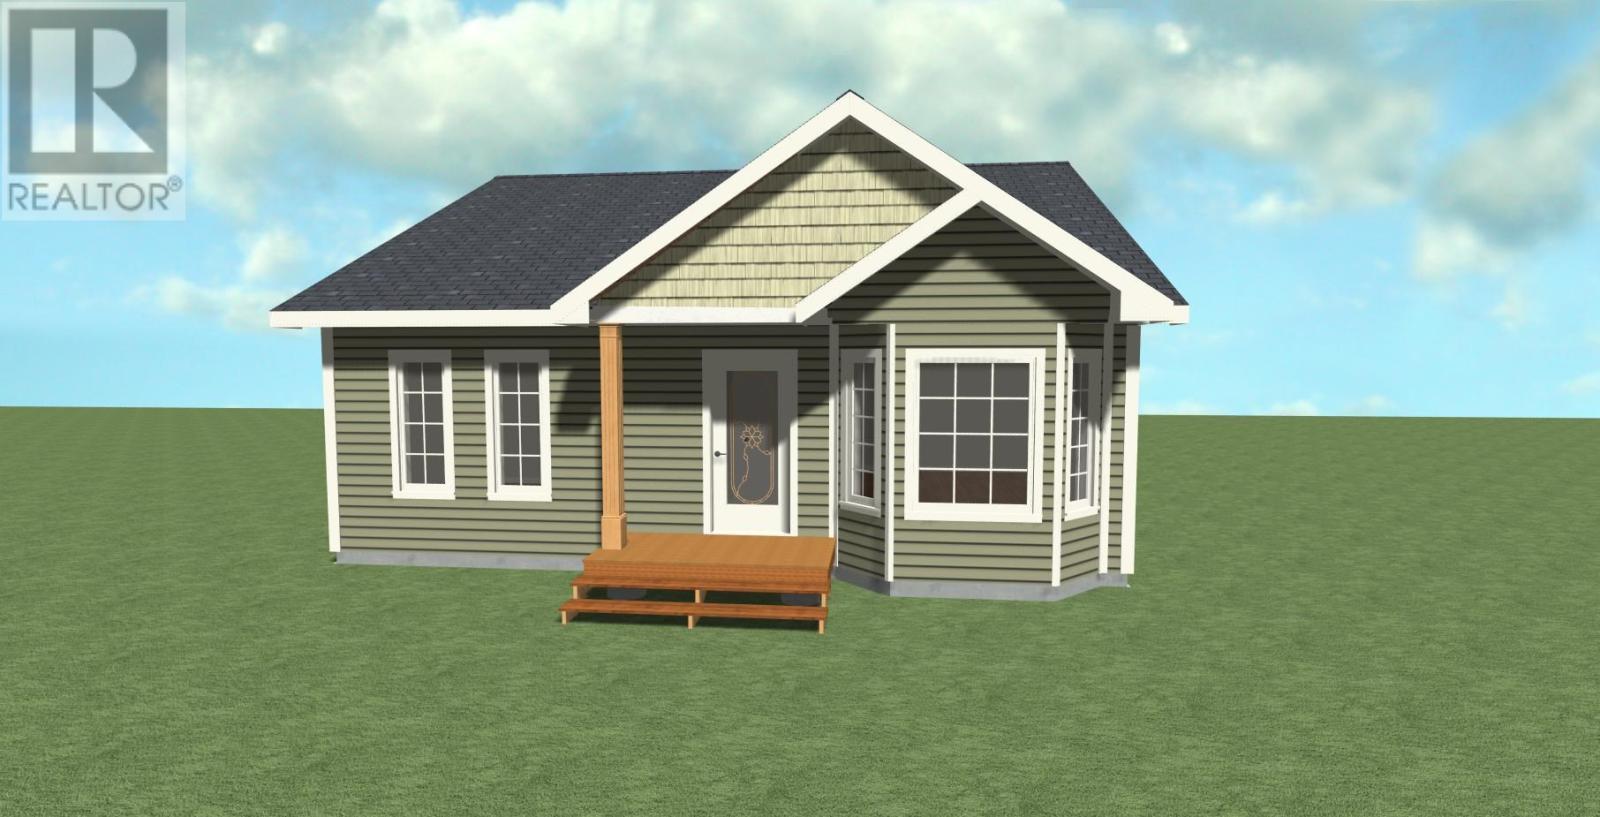 1159532, Lot 12 Ridgewood Crescent, Clarenville